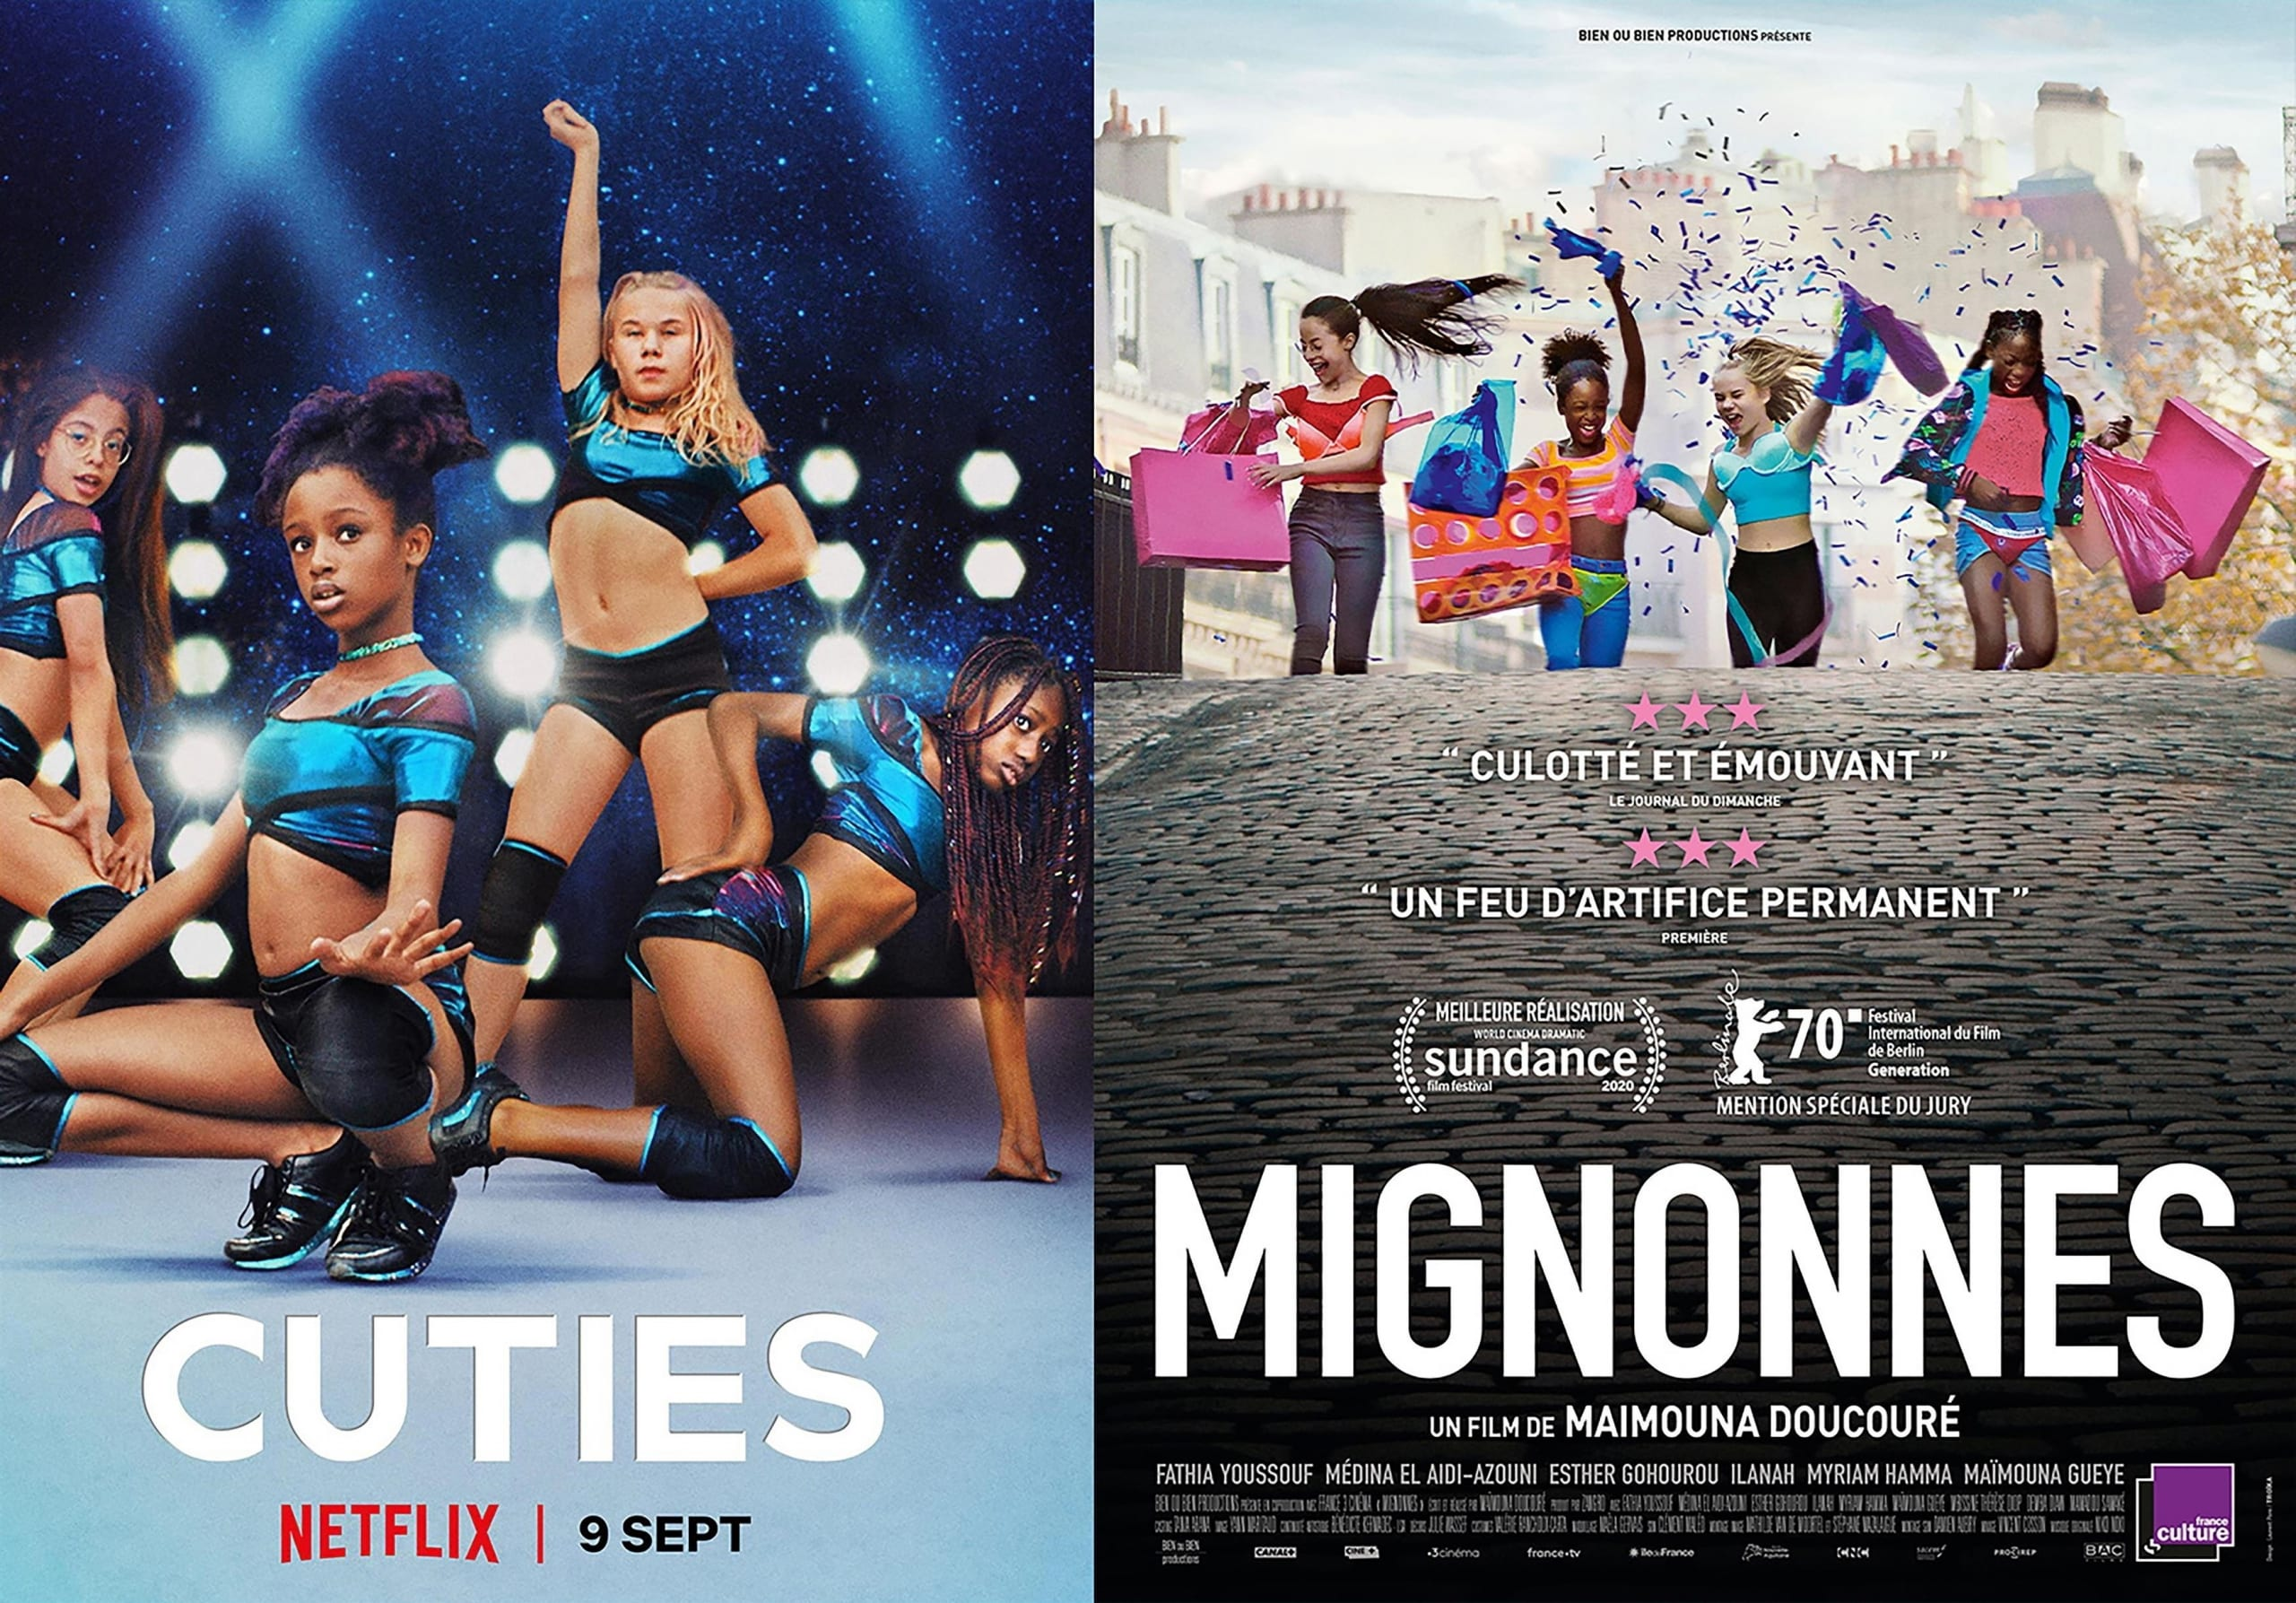 Cuties di Netflix scatena una guerra culturale in una piccola città del Texas